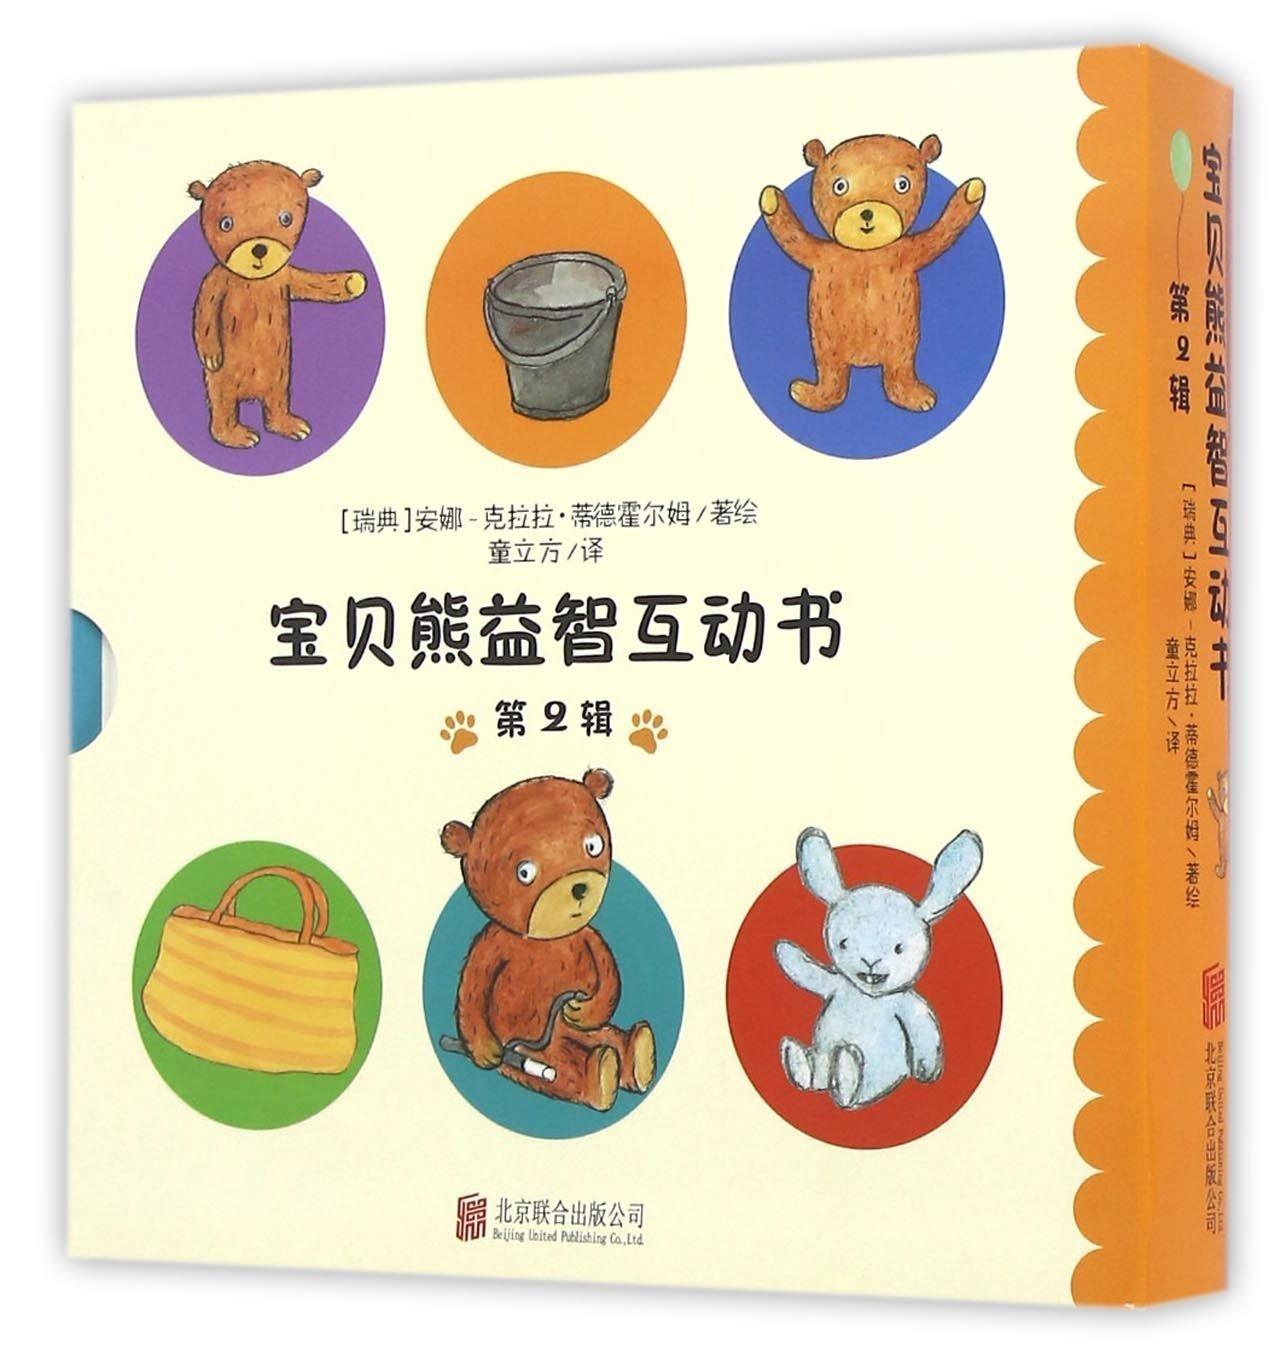 宝贝熊益智互动书(第2辑共4册)(精) ebook